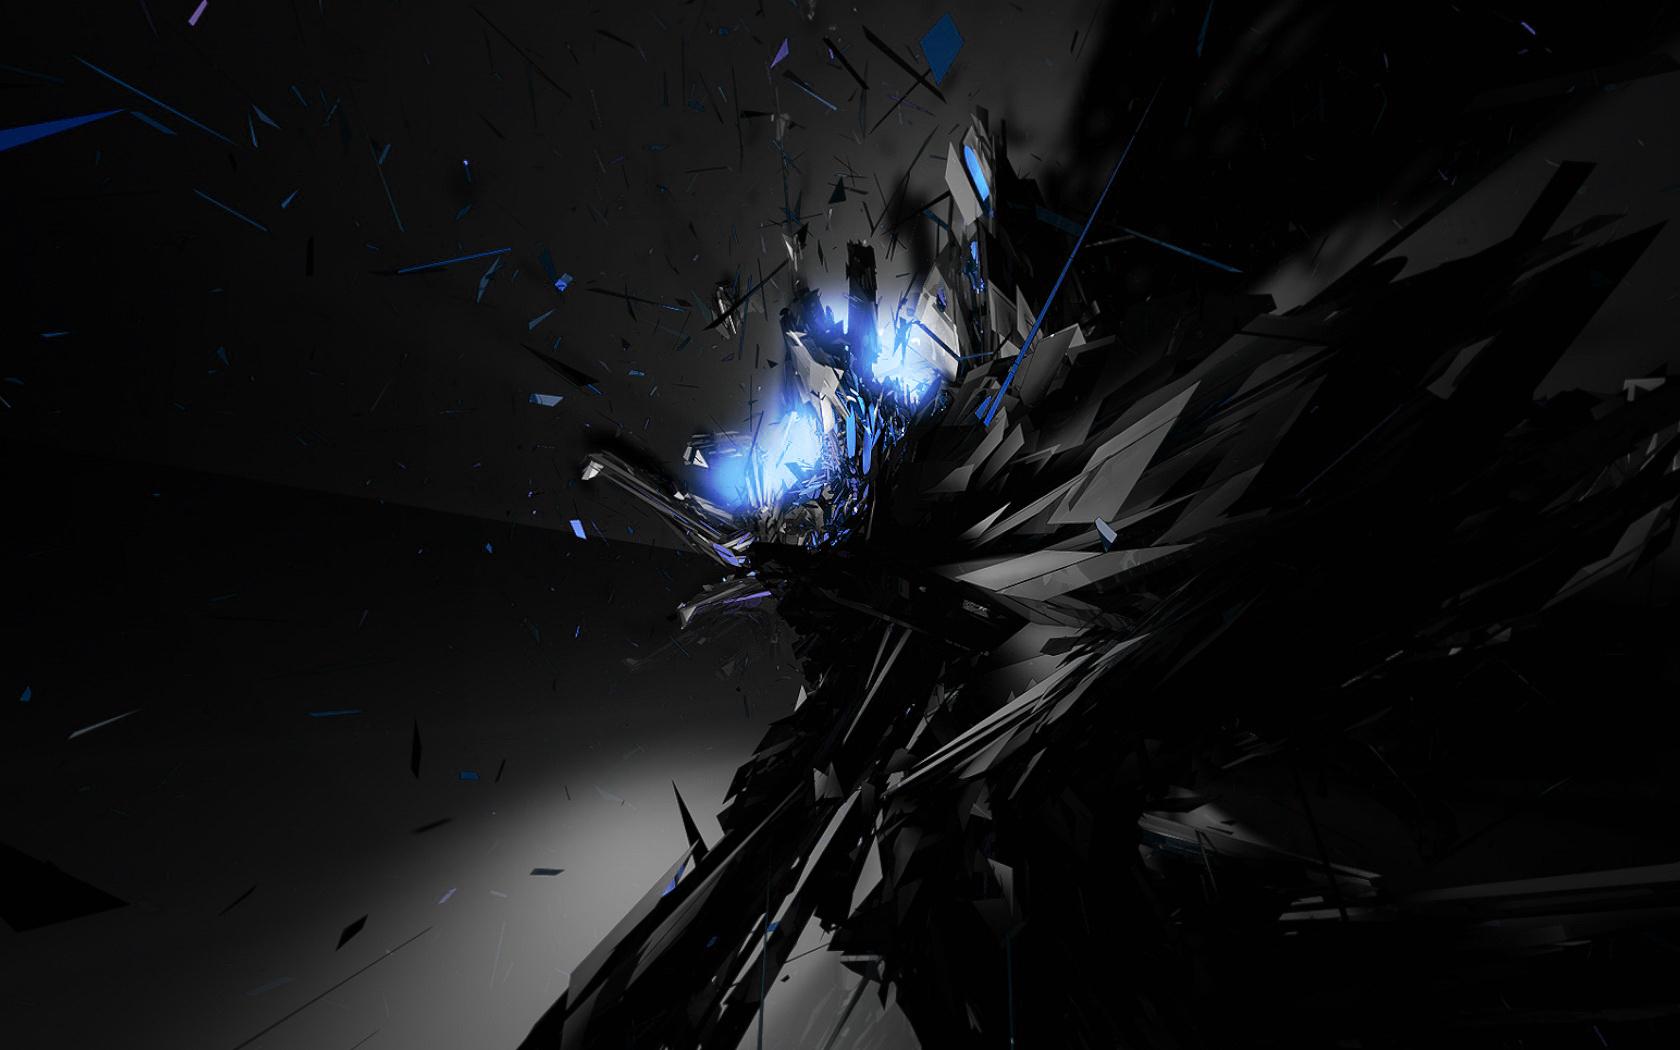 абстрактный - Тьма  - цветной - Shades - Шаблоны - Textures - Shapes - Чёрный - Синий - Свет - Клёвый - Amazing - Flame - Дракон - Зеленый - Cannibal - Lovely - абстрактный - художественный - M Обои